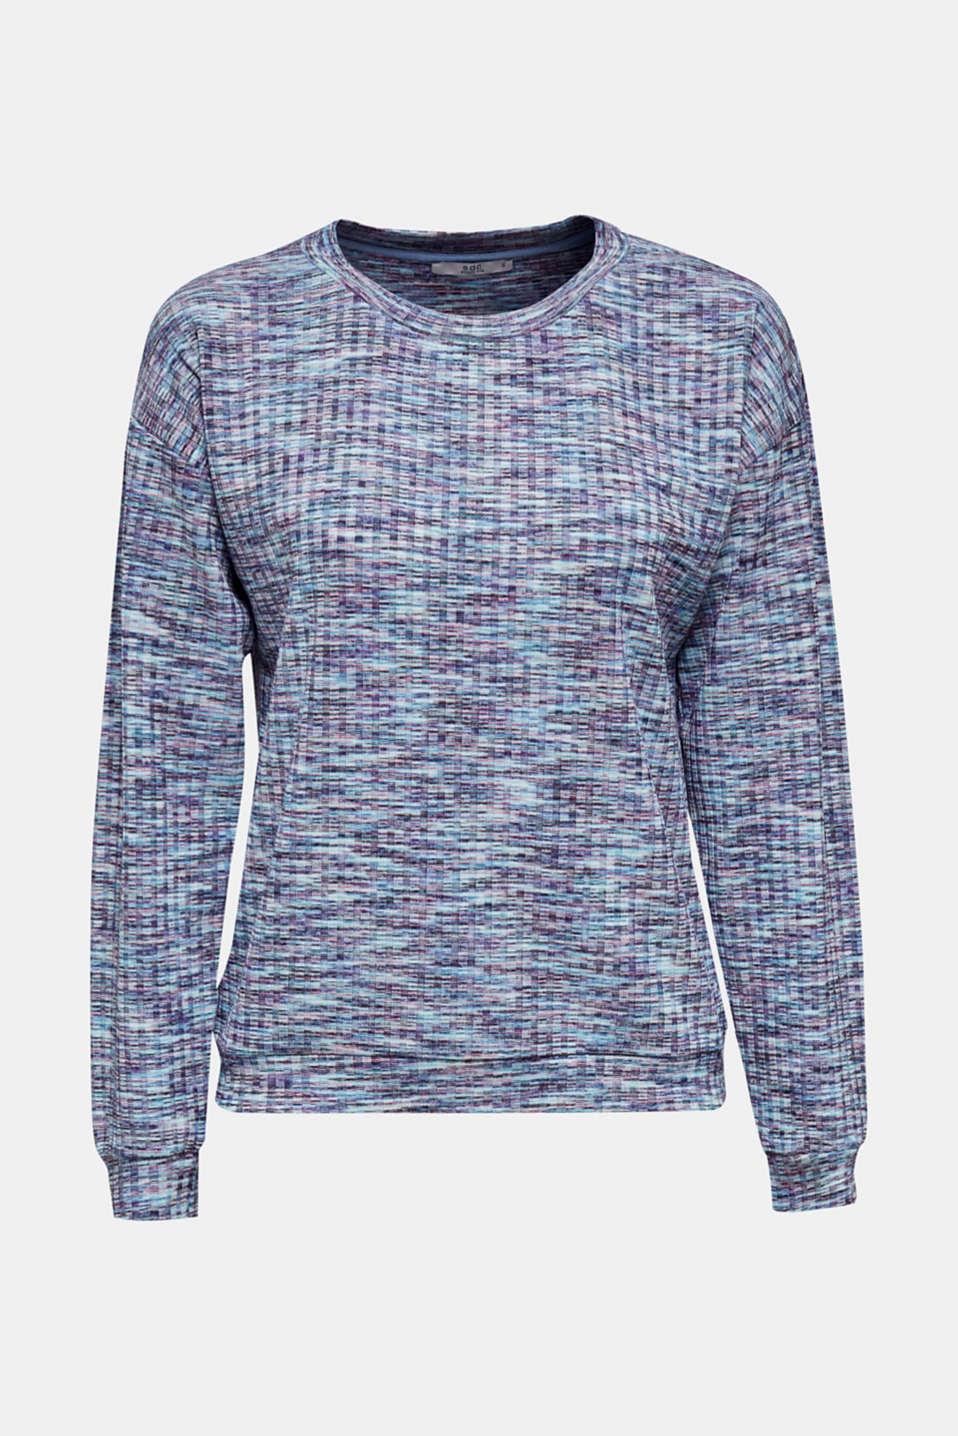 Melange, multi-coloured long sleeve top, BLUE LAVENDER, detail image number 5